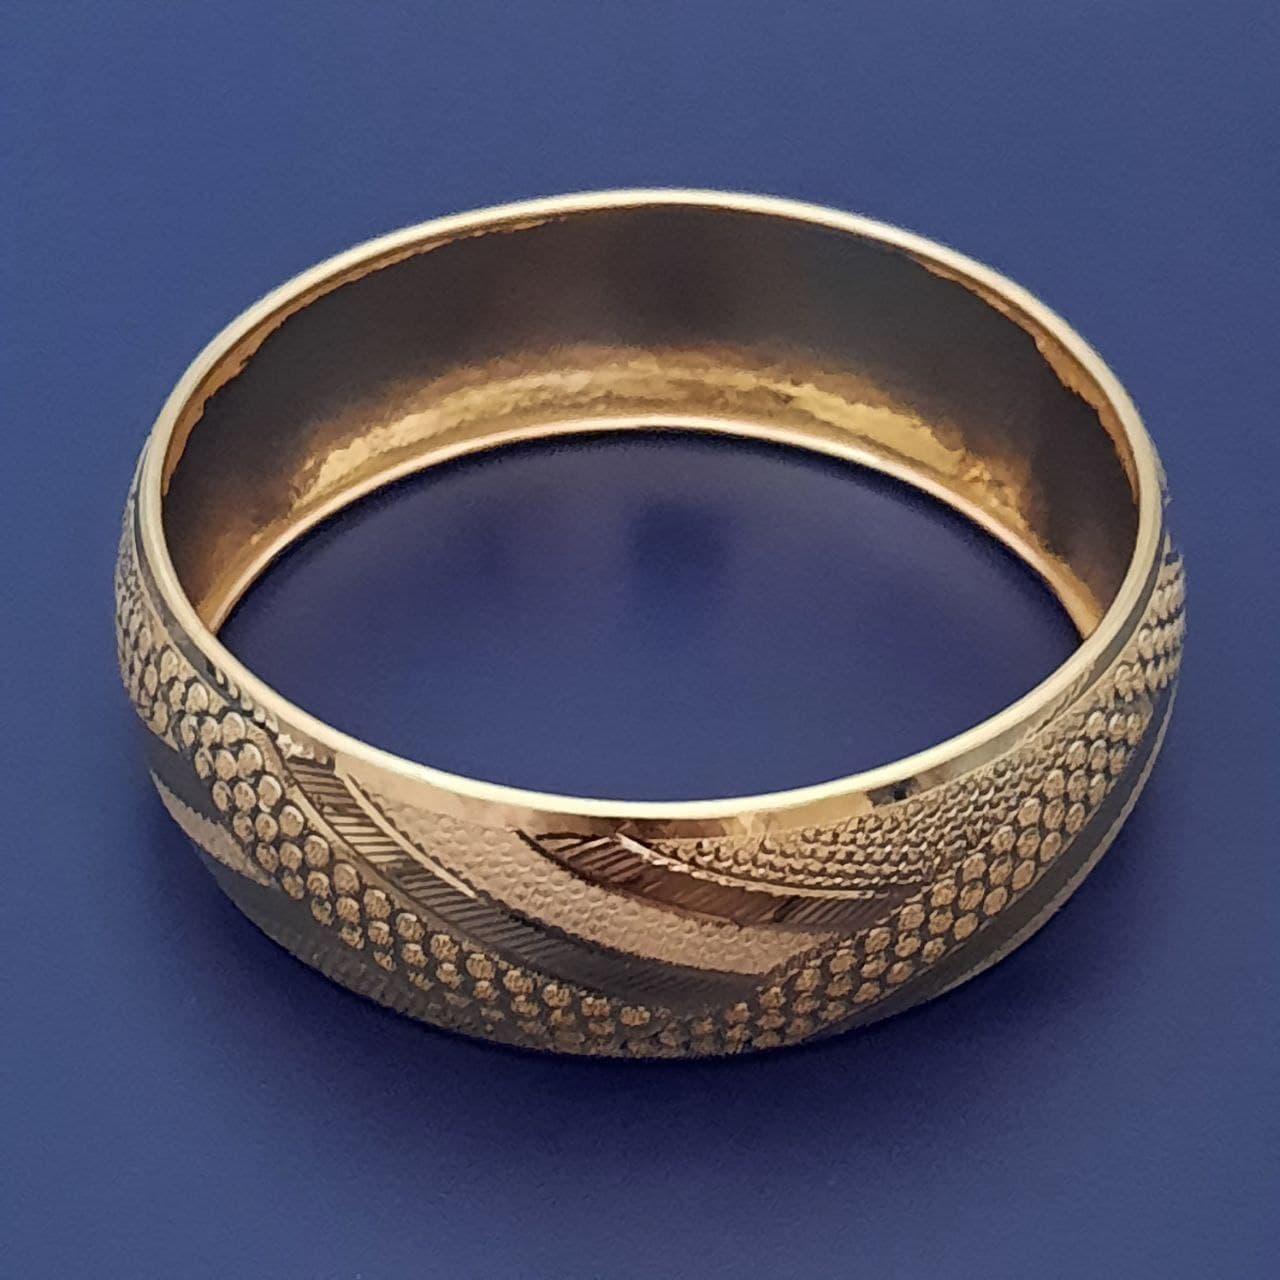 النگو طلا 18 عیار زنانه گالری یارطلا کد AL67-G-4